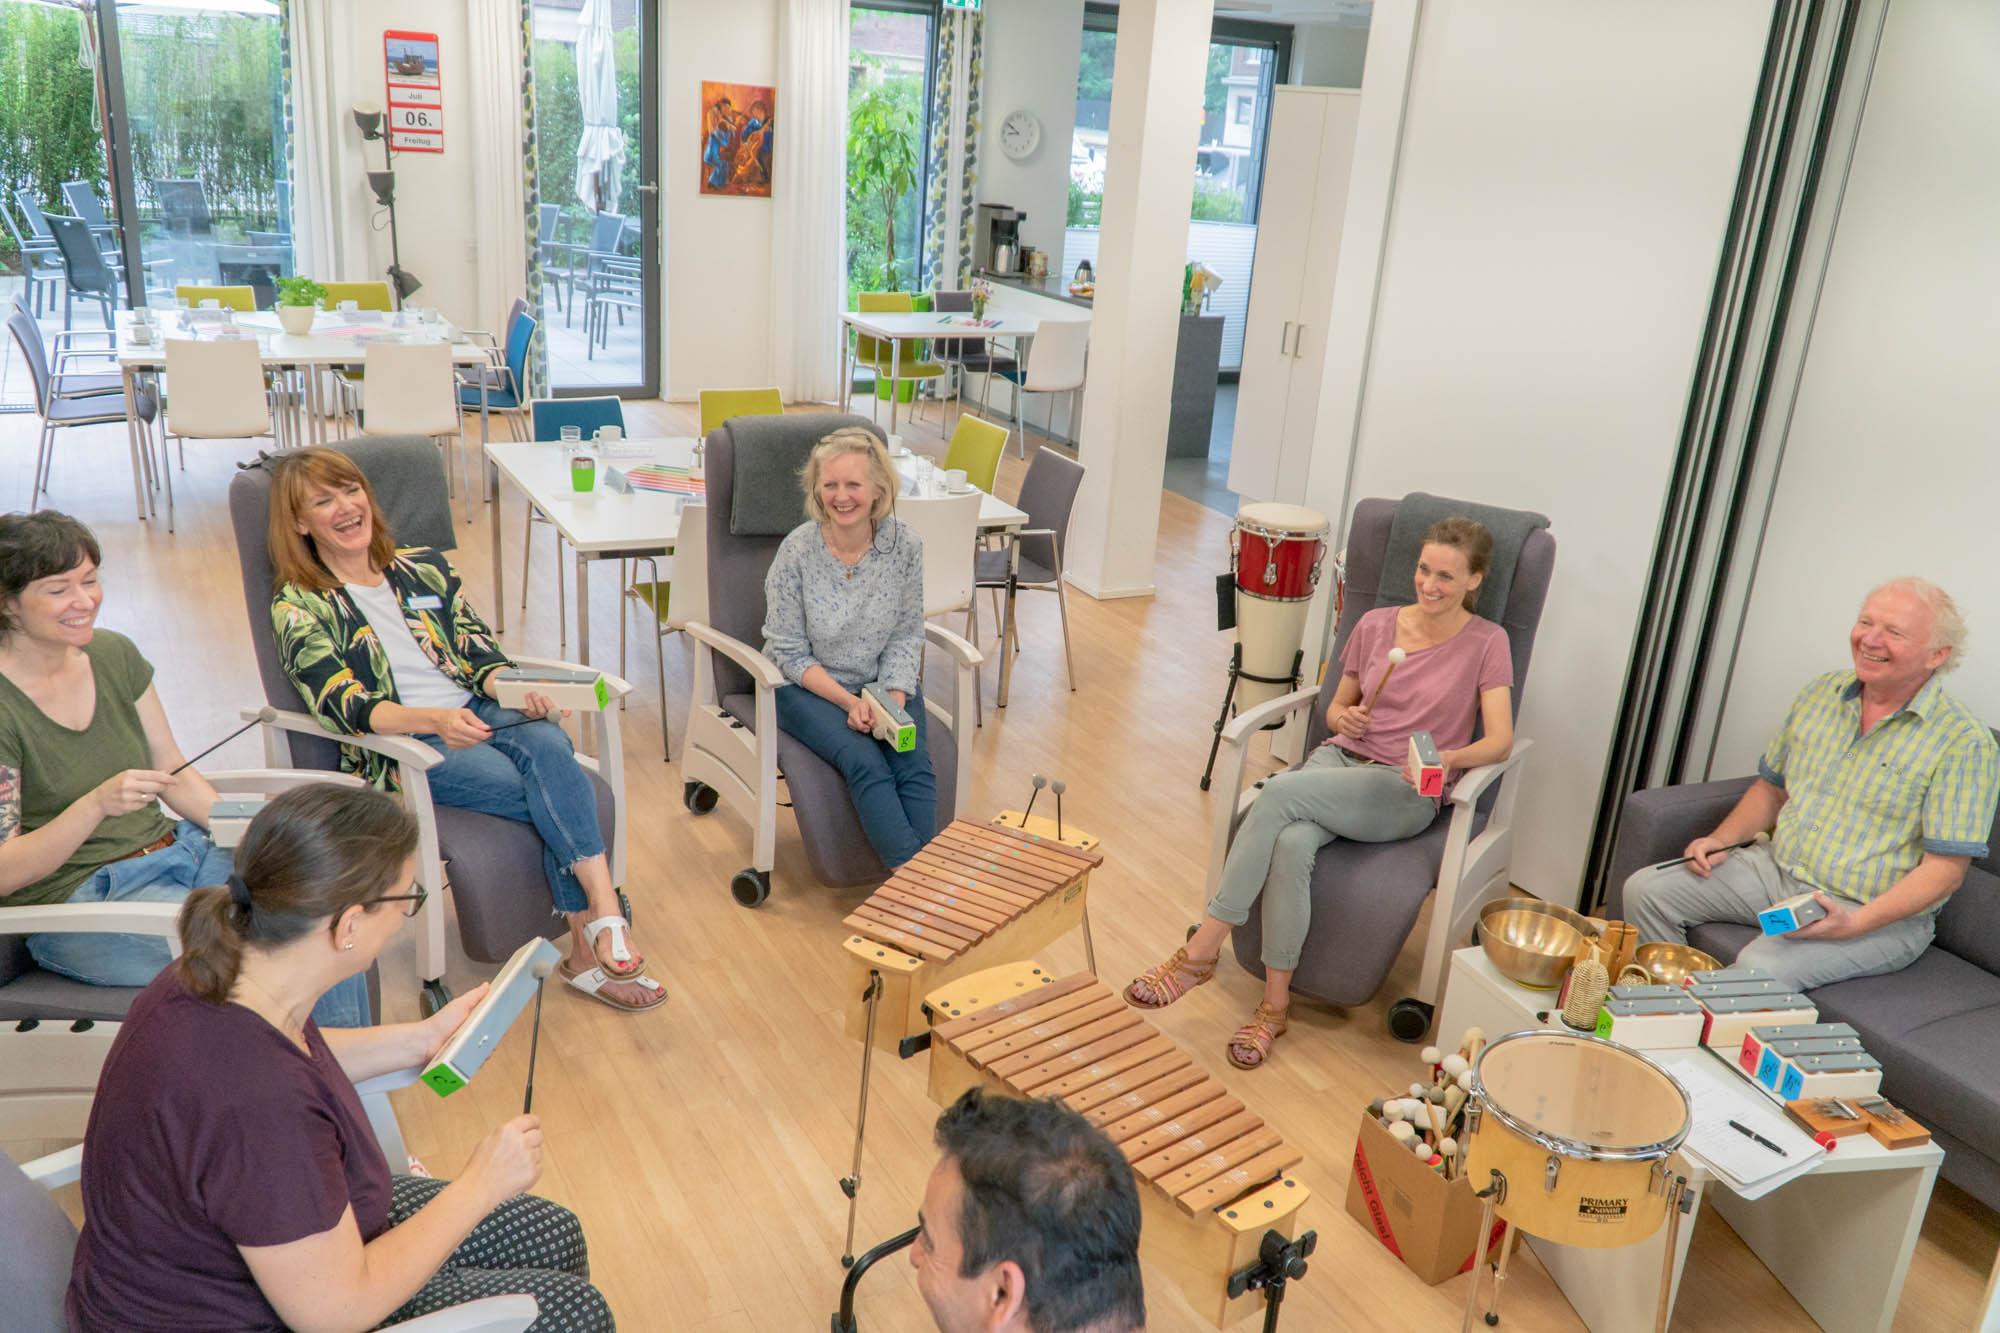 Wir Sind Altenpflege Musikworkshop Düsseldorf Tagespflege-10